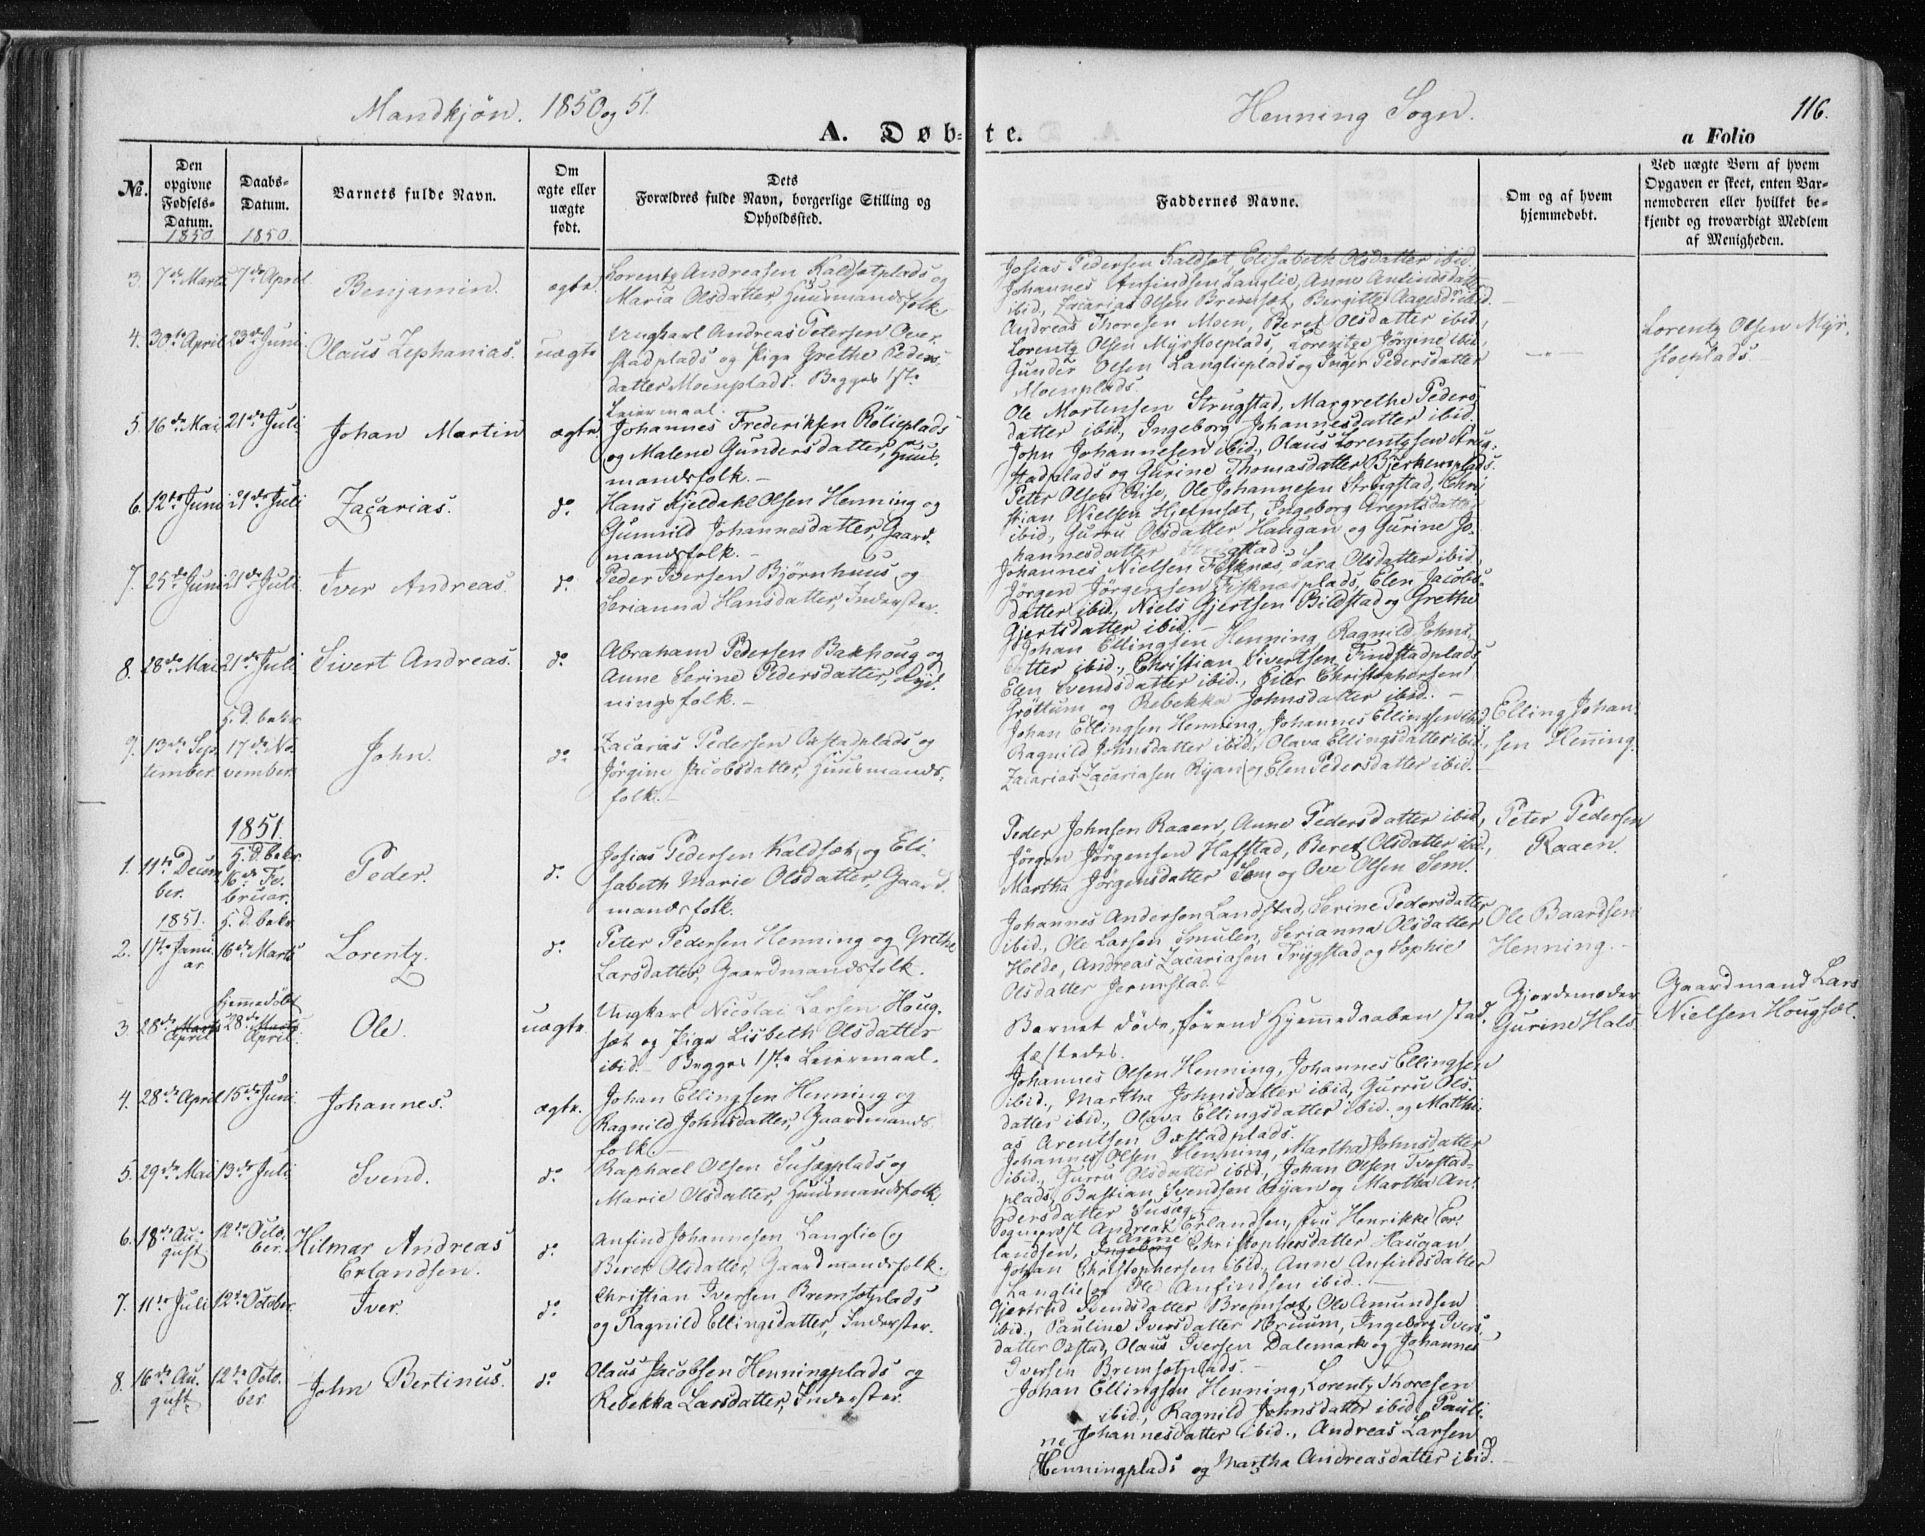 SAT, Ministerialprotokoller, klokkerbøker og fødselsregistre - Nord-Trøndelag, 735/L0342: Ministerialbok nr. 735A07 /3, 1849-1862, s. 116